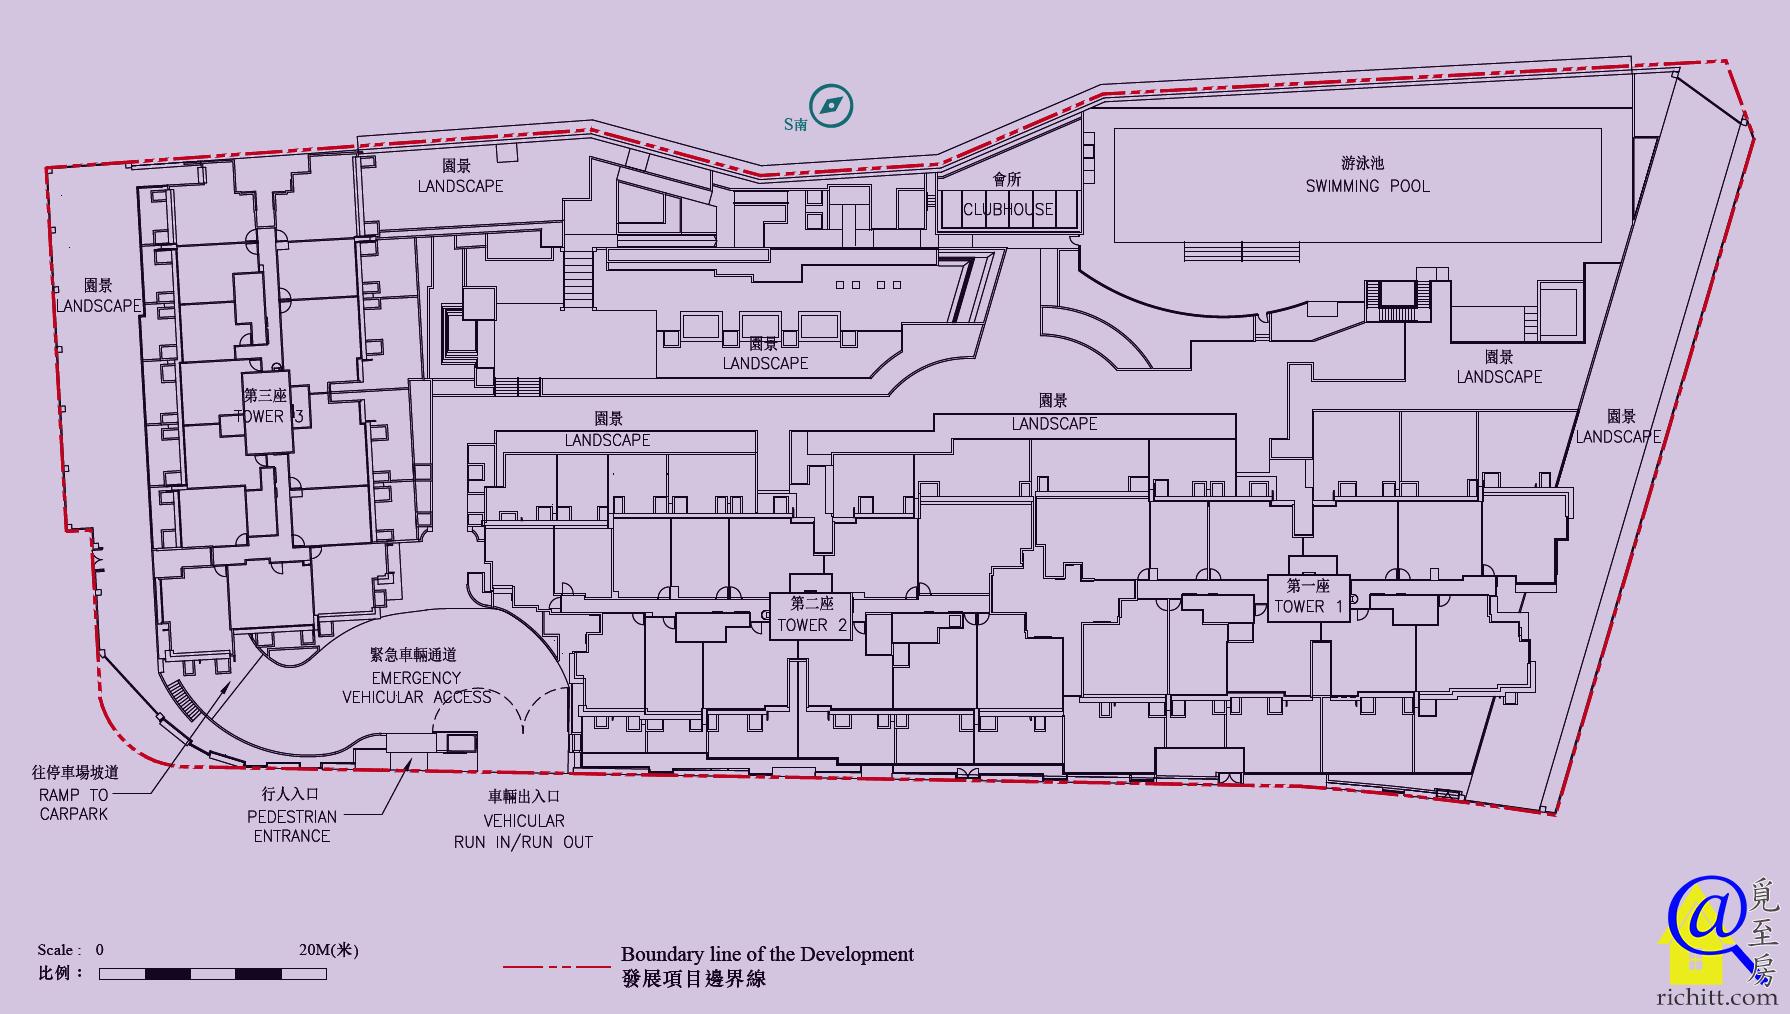 逸瓏海滙布局圖